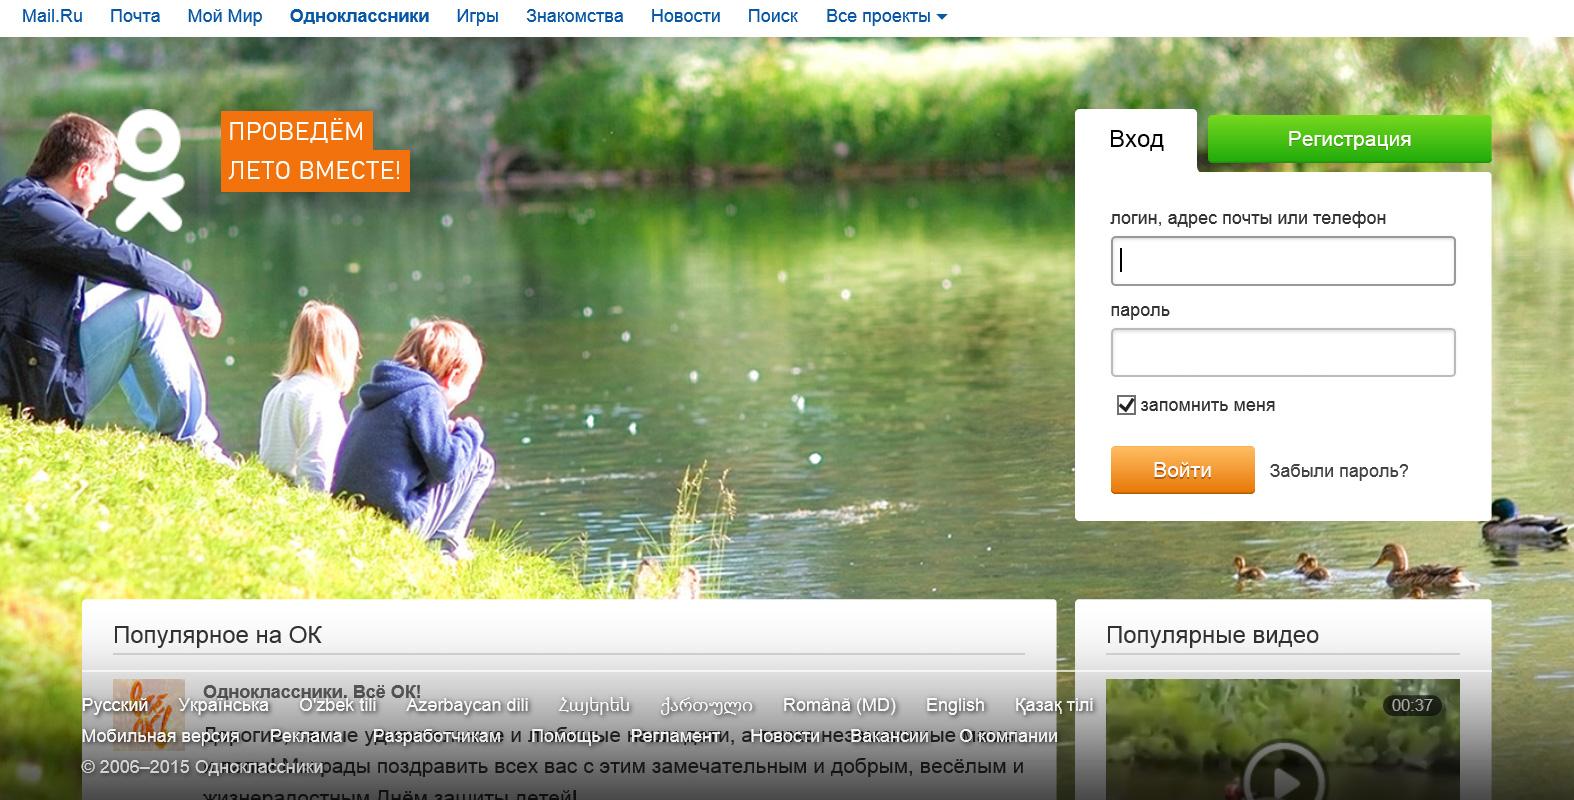 Рассказы с сайта одноклассники 13 фотография